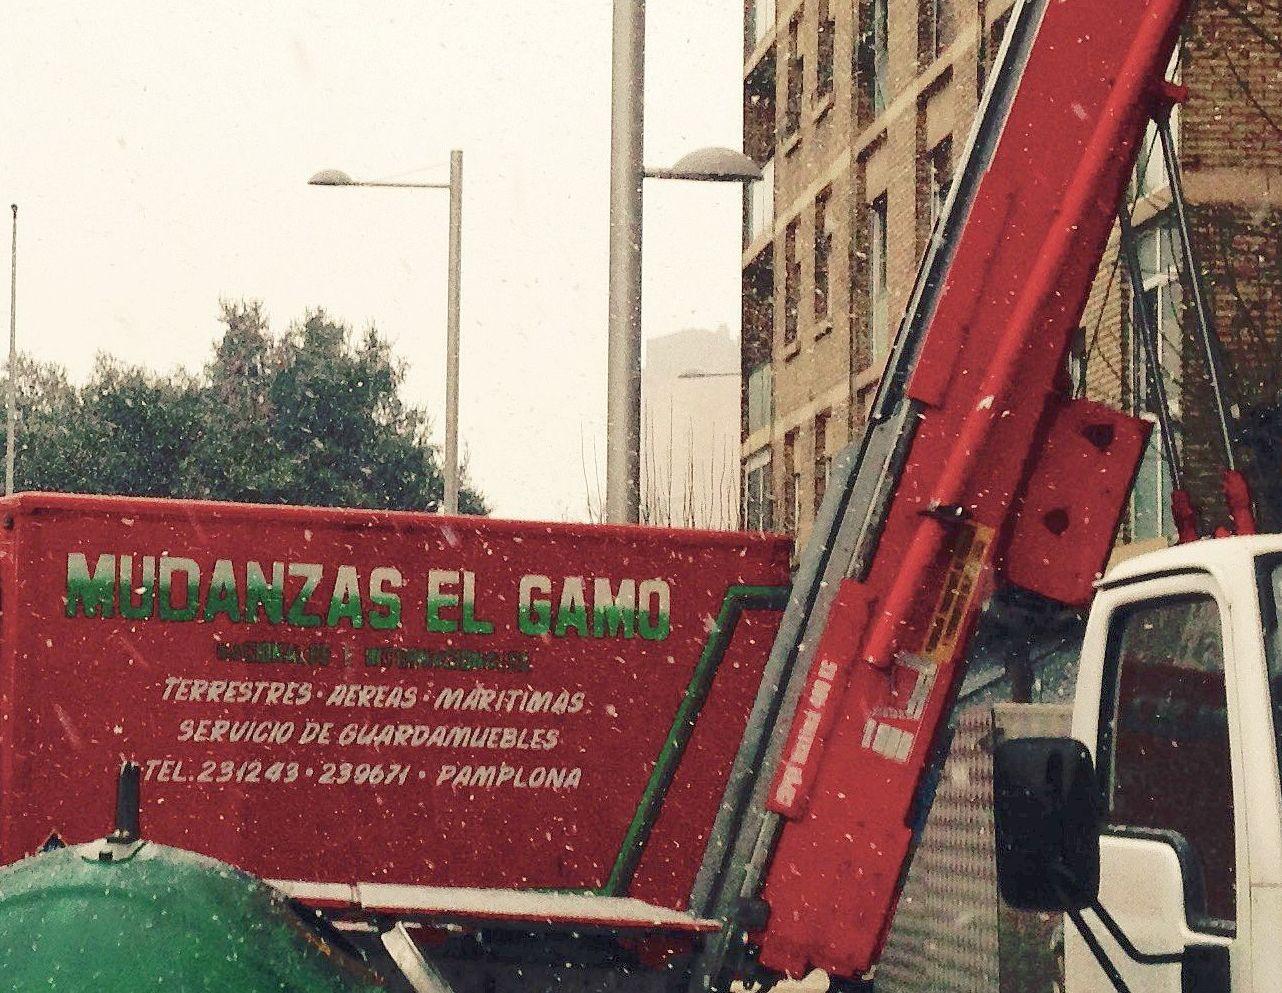 Foto 25 de Mudanzas y guardamuebles en Mutilva | Mudanzas Gamo